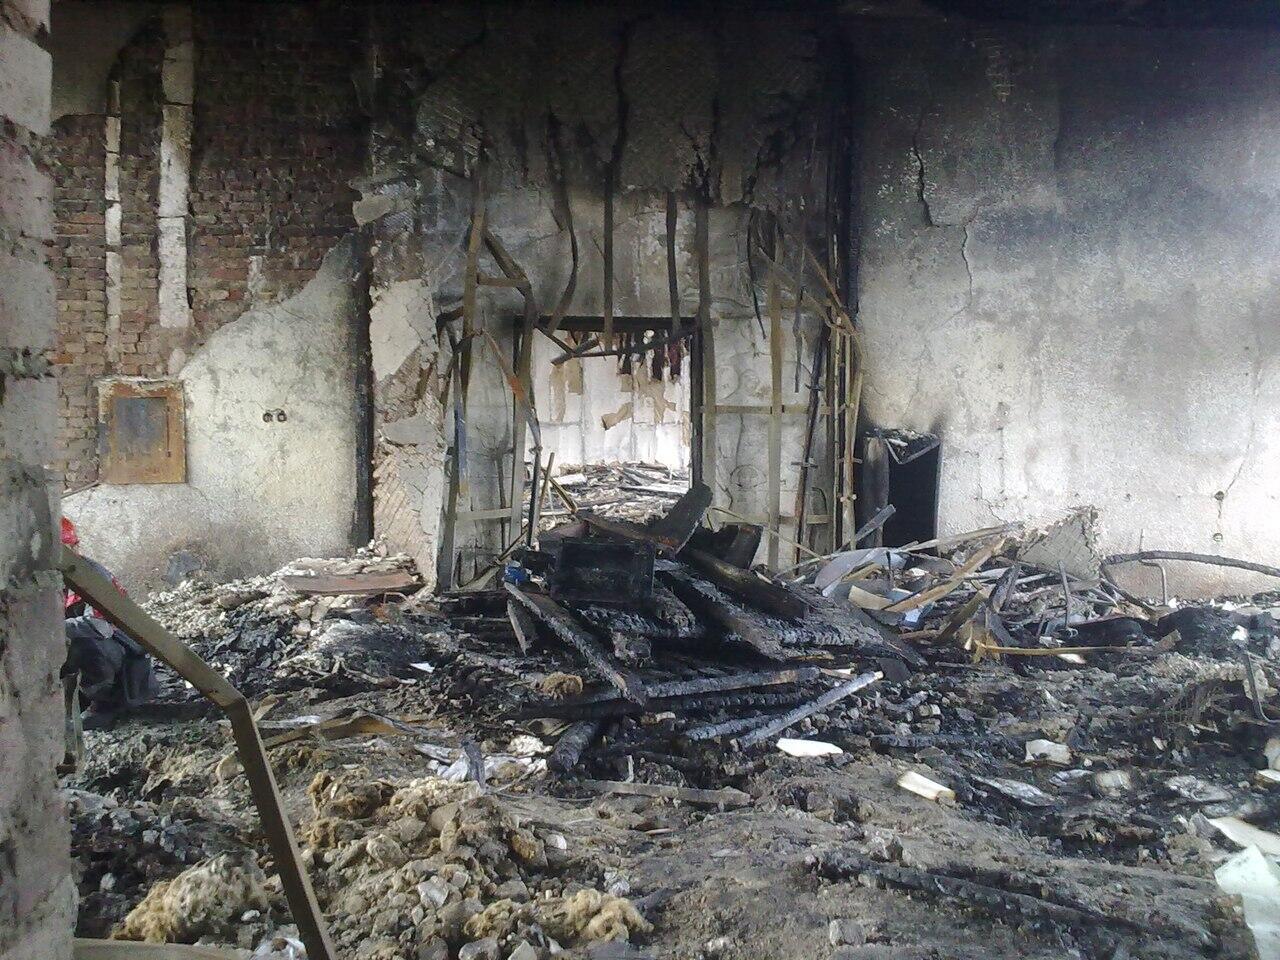 Террористы угрожают сжечь избирательный участок в Донецке, - СМИ - Цензор.НЕТ 7339